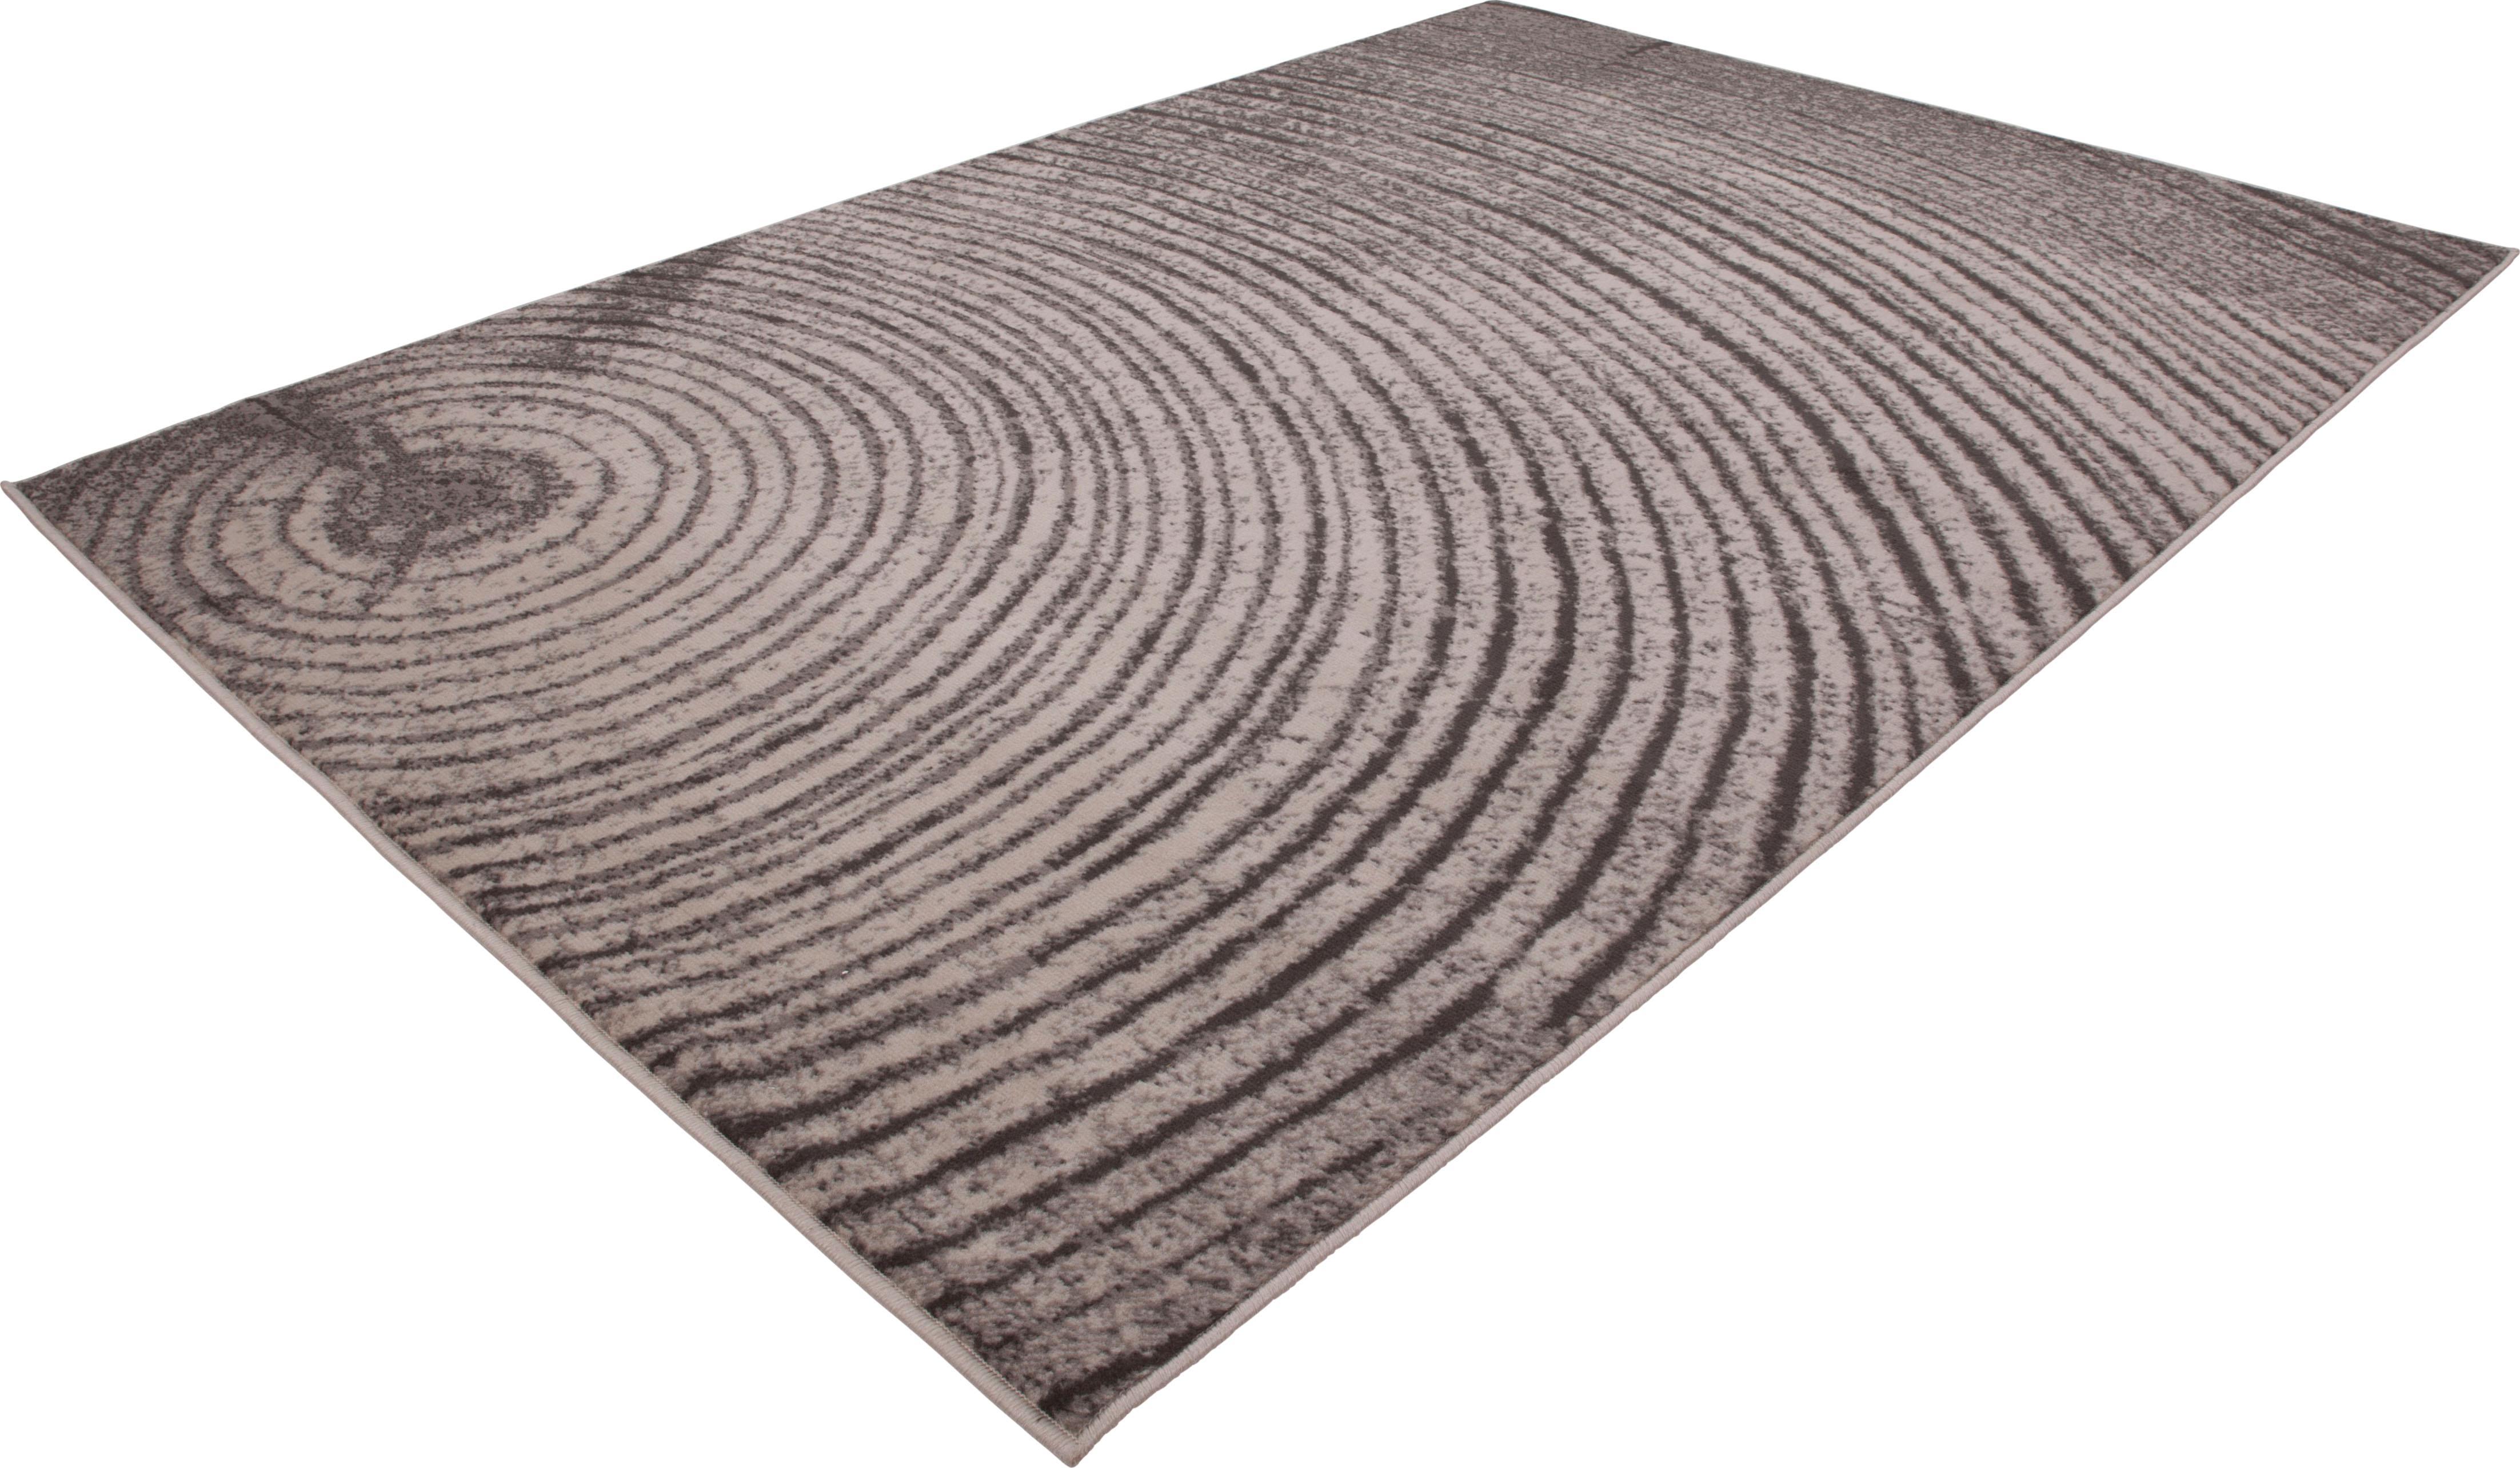 Teppich Contempo 349 LALEE rechteckig Höhe 9 mm maschinell gewebt